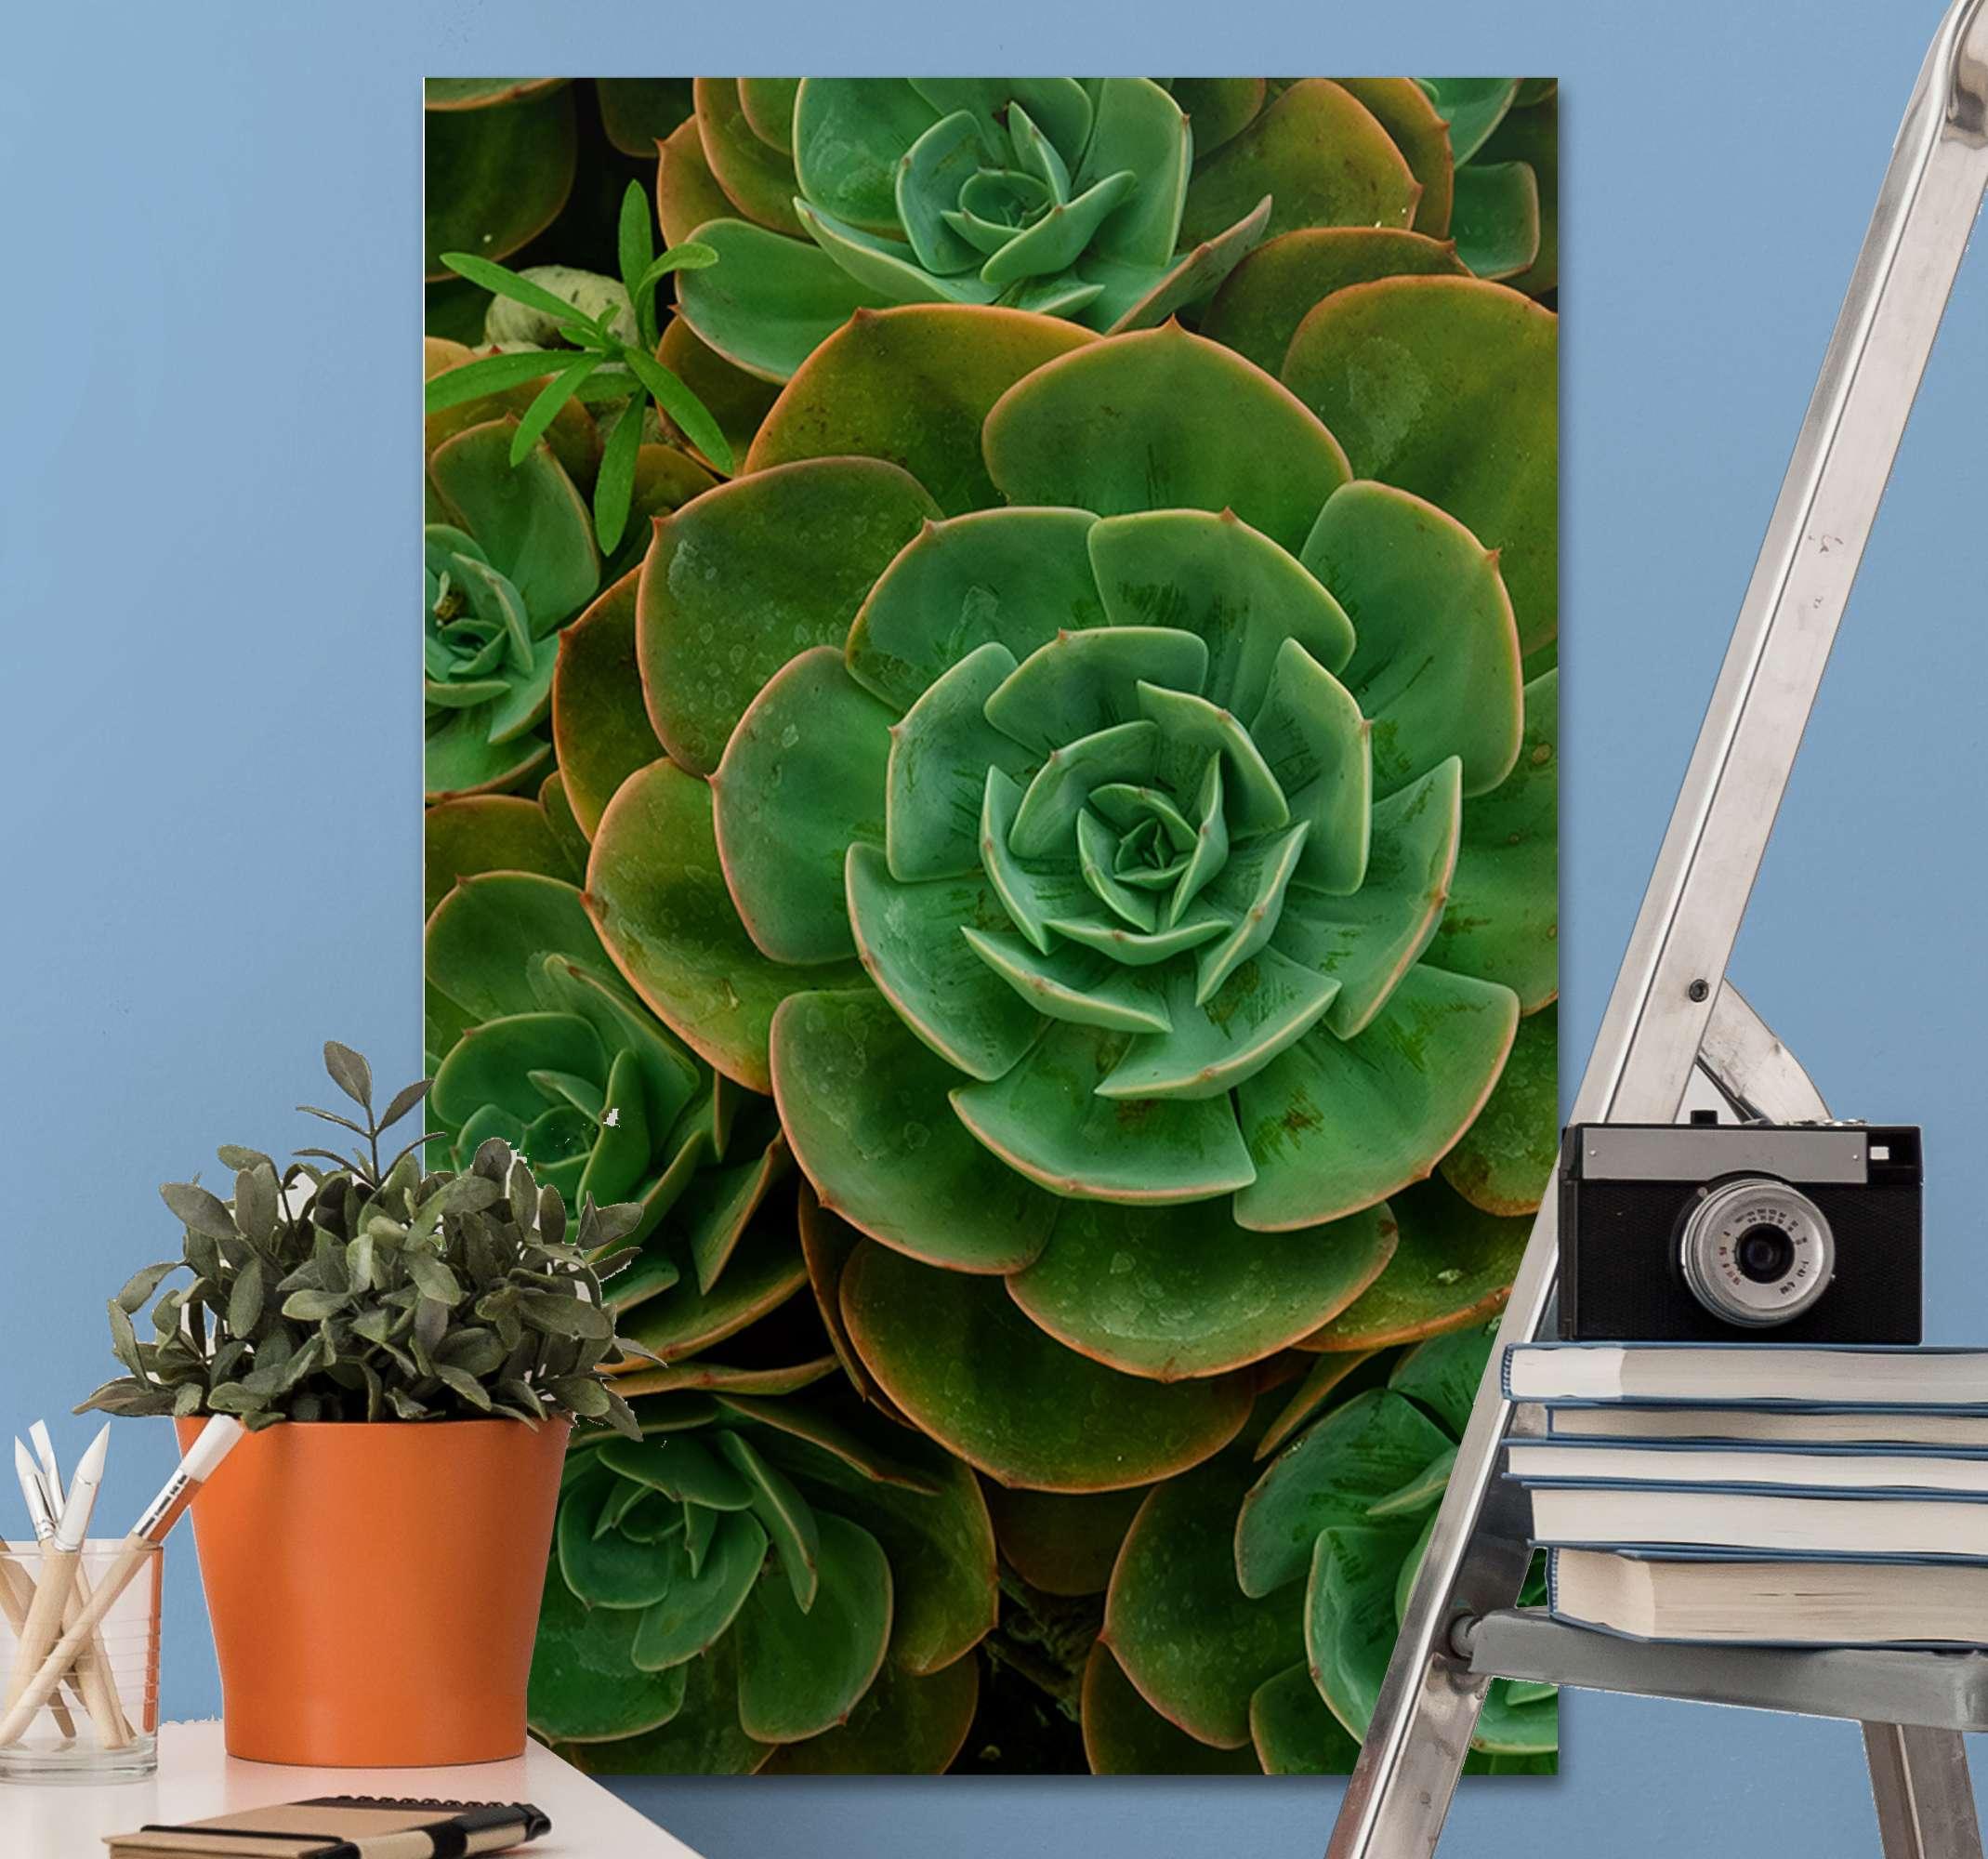 TenVinilo. Cuadro de flores diseño de cactus. Cuadro de flor de cactus de aspecto realista para que decores tu salón o dormitorio de forma original. Elige medidas ¡Envío exprés!